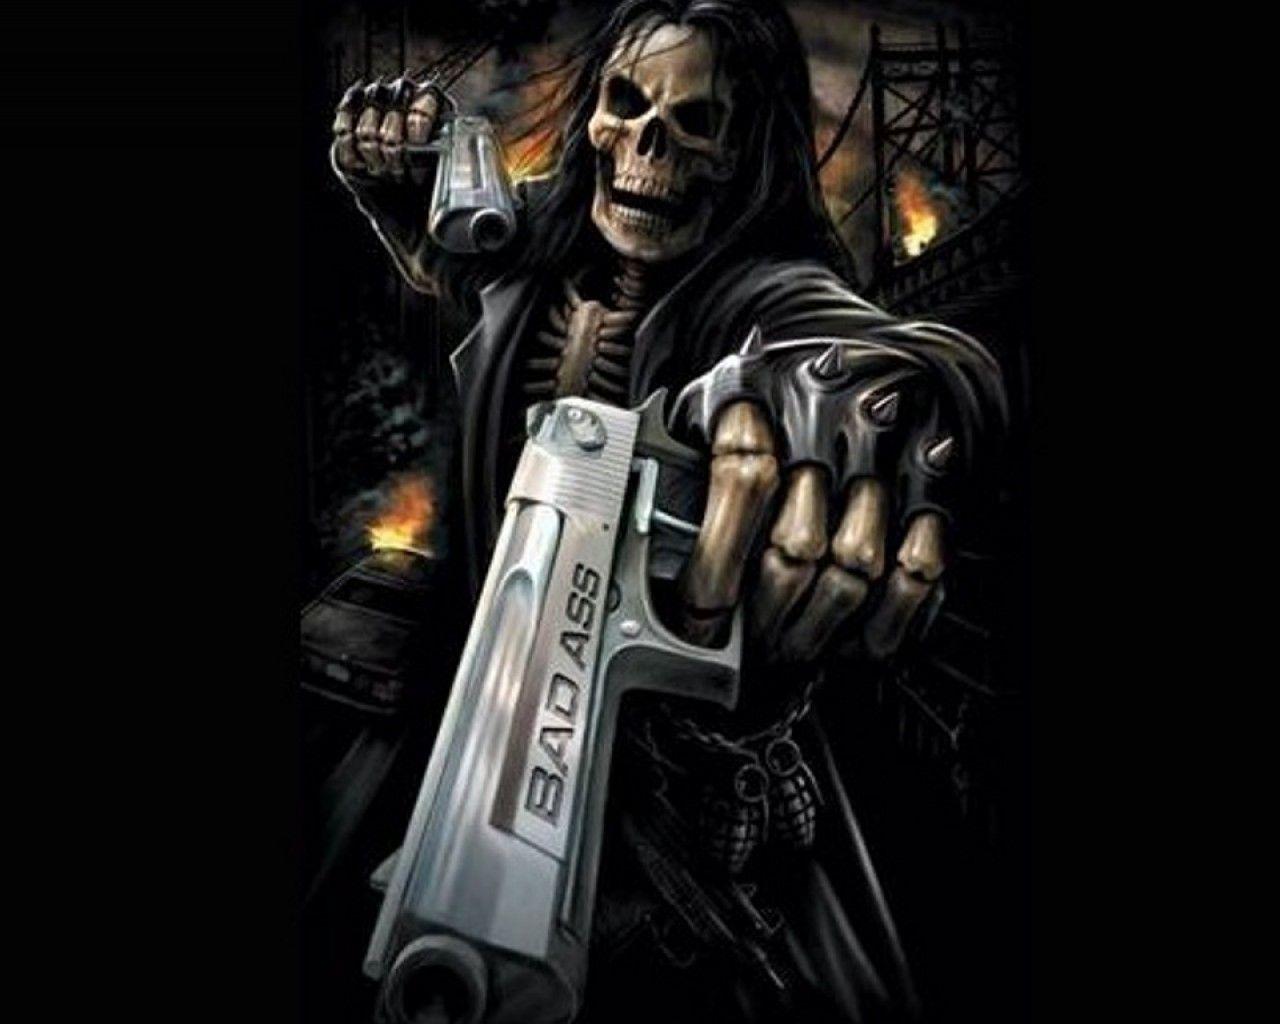 Dark Grim Reaper Wallpaper Panda 1600x1200px Wallpaper Reaper Pics Its Akucard Skull Art Skull Artwork Grim Reaper